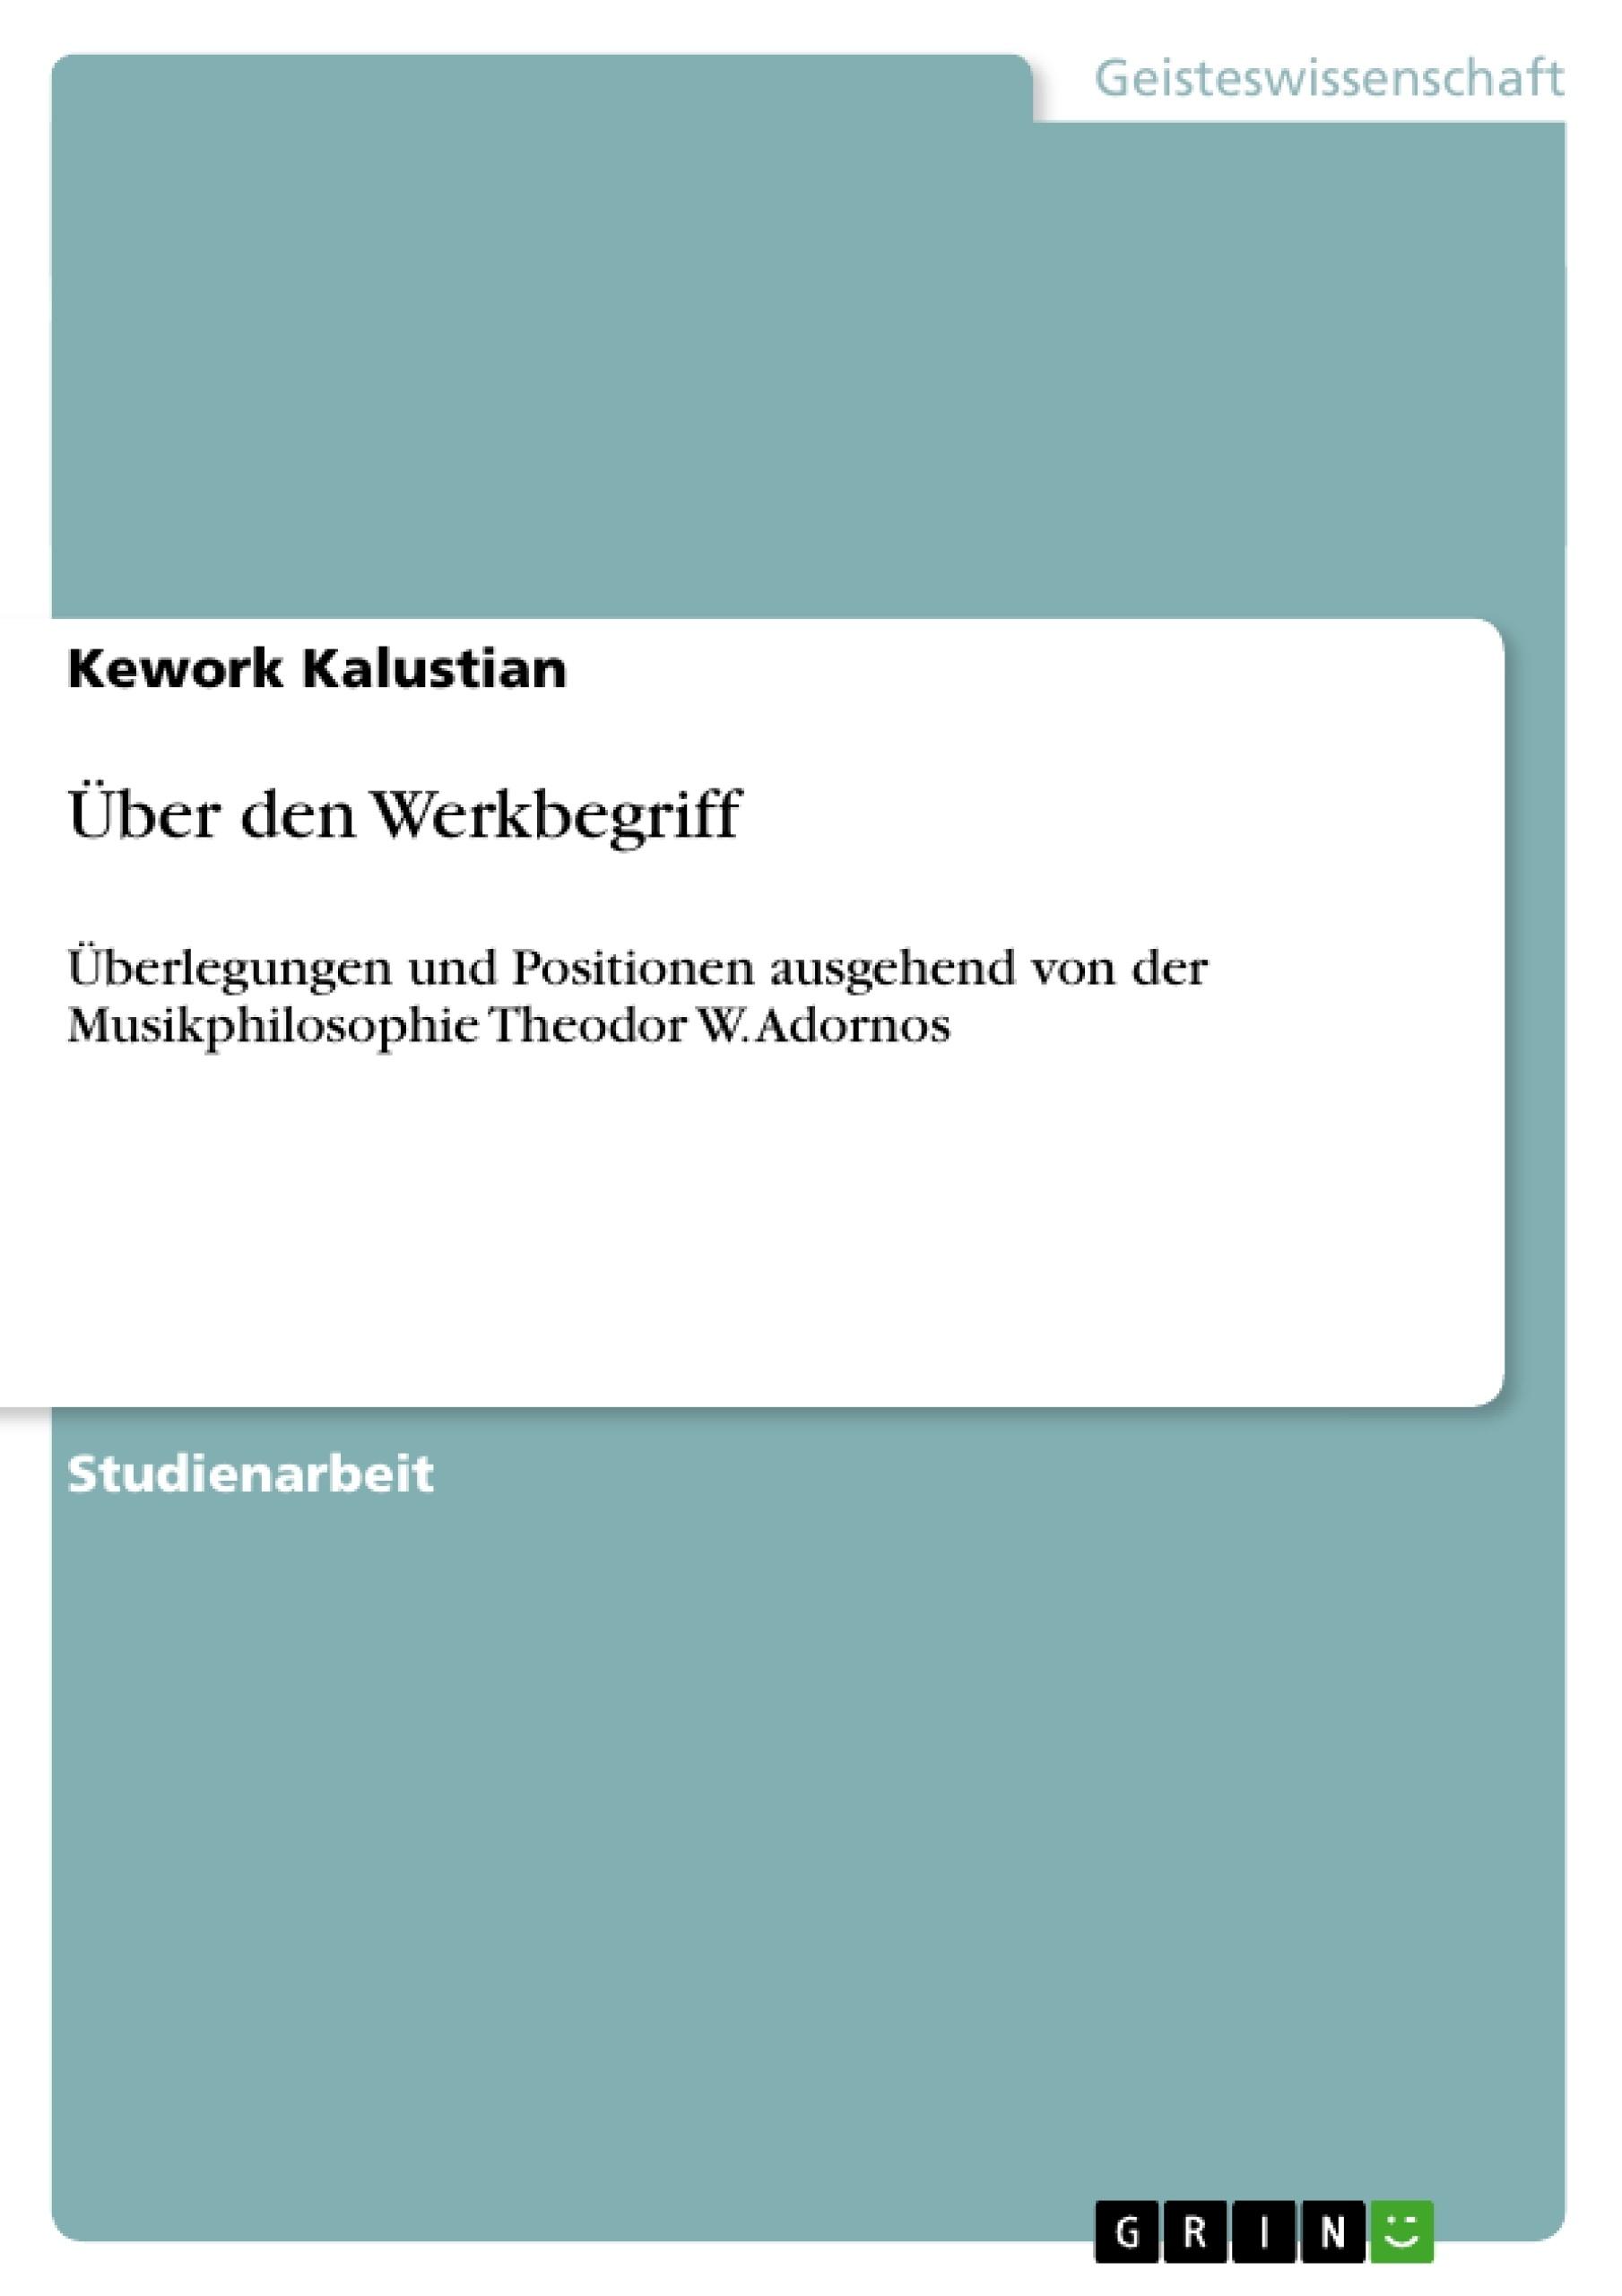 Titel: Über den Werkbegriff